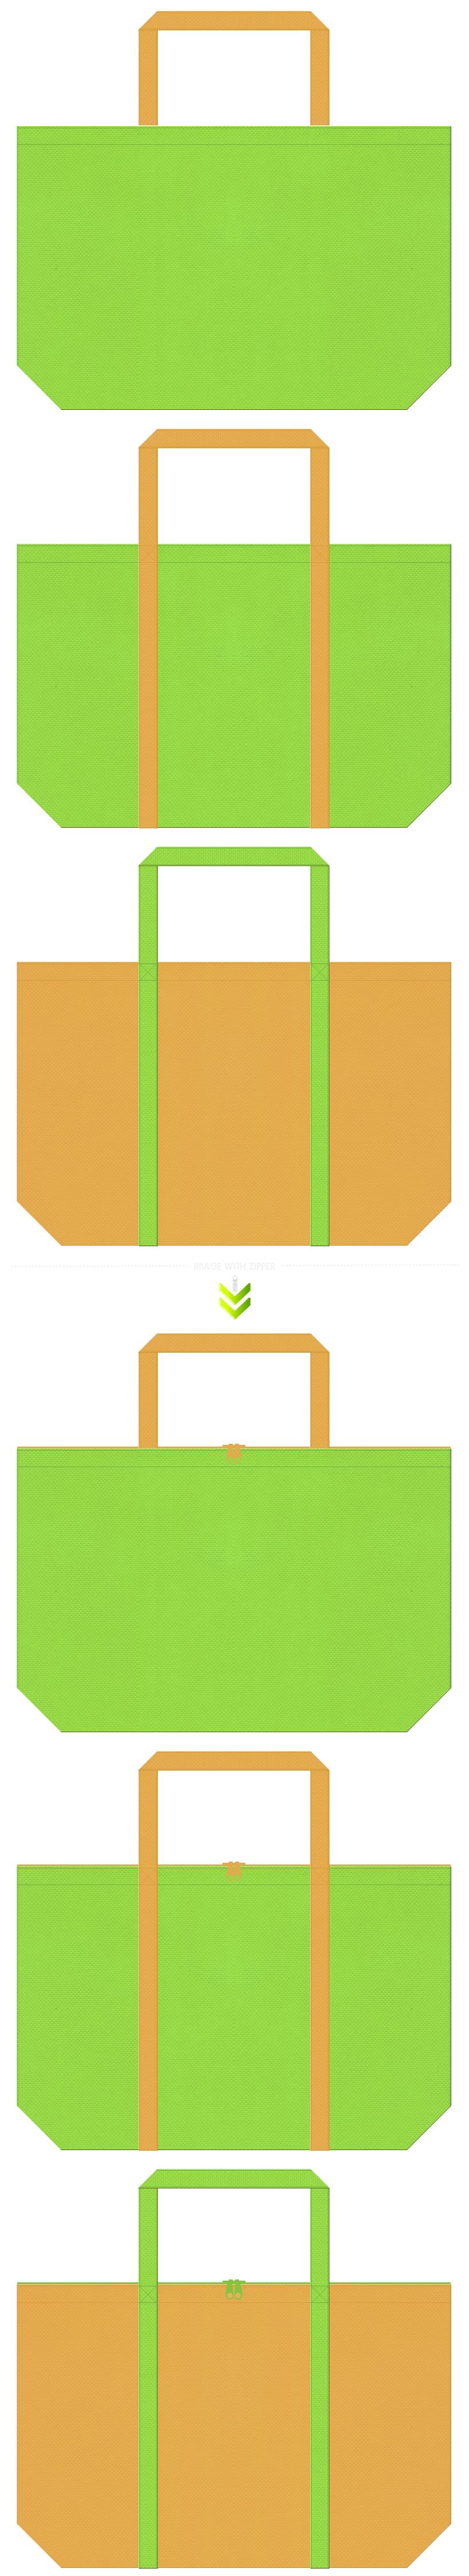 黄緑色と黄土色の不織布エコバッグのデザイン。ピクニック・ランチバッグにお奨めの配色です。